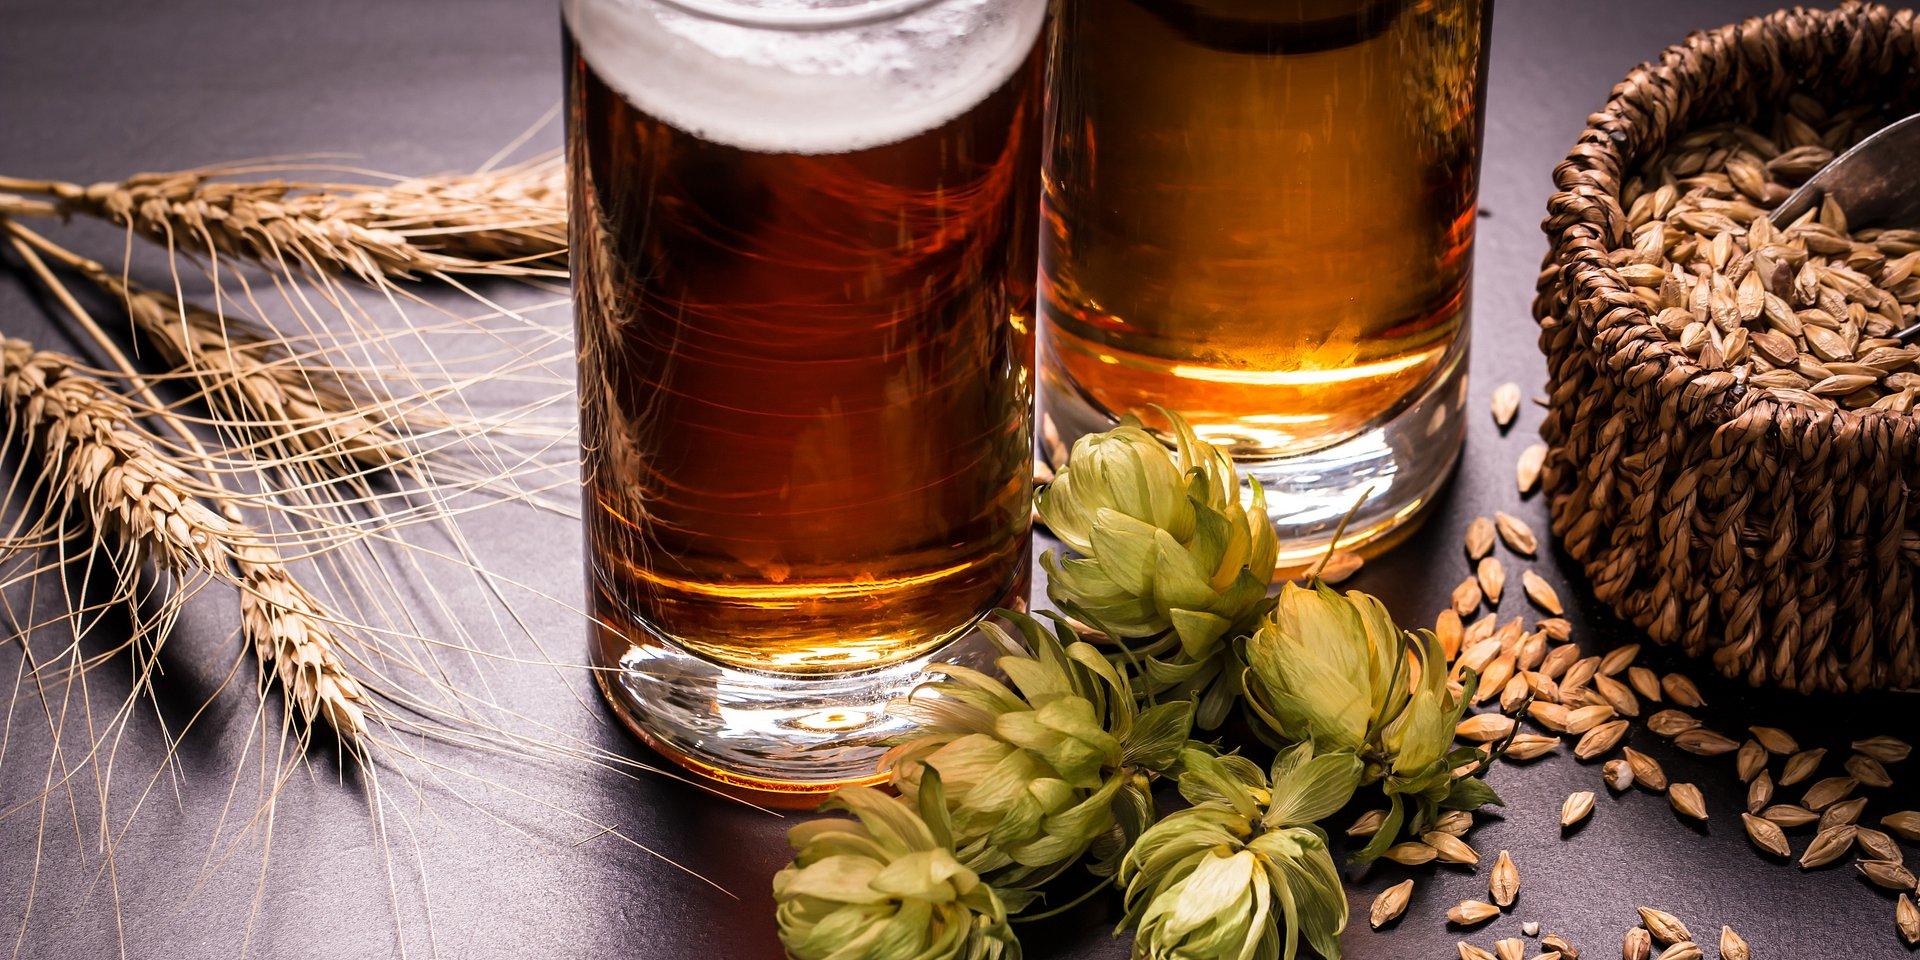 Podniesienie stawki akcyzy w równej wysokości o 10 proc. dla piwa i wyrobów spirytusowych doprowadzi do stworzenia preferencji fiskalnych i dalszego wzrostu konsumpcji wyrobów spirytusowych w Polsce.